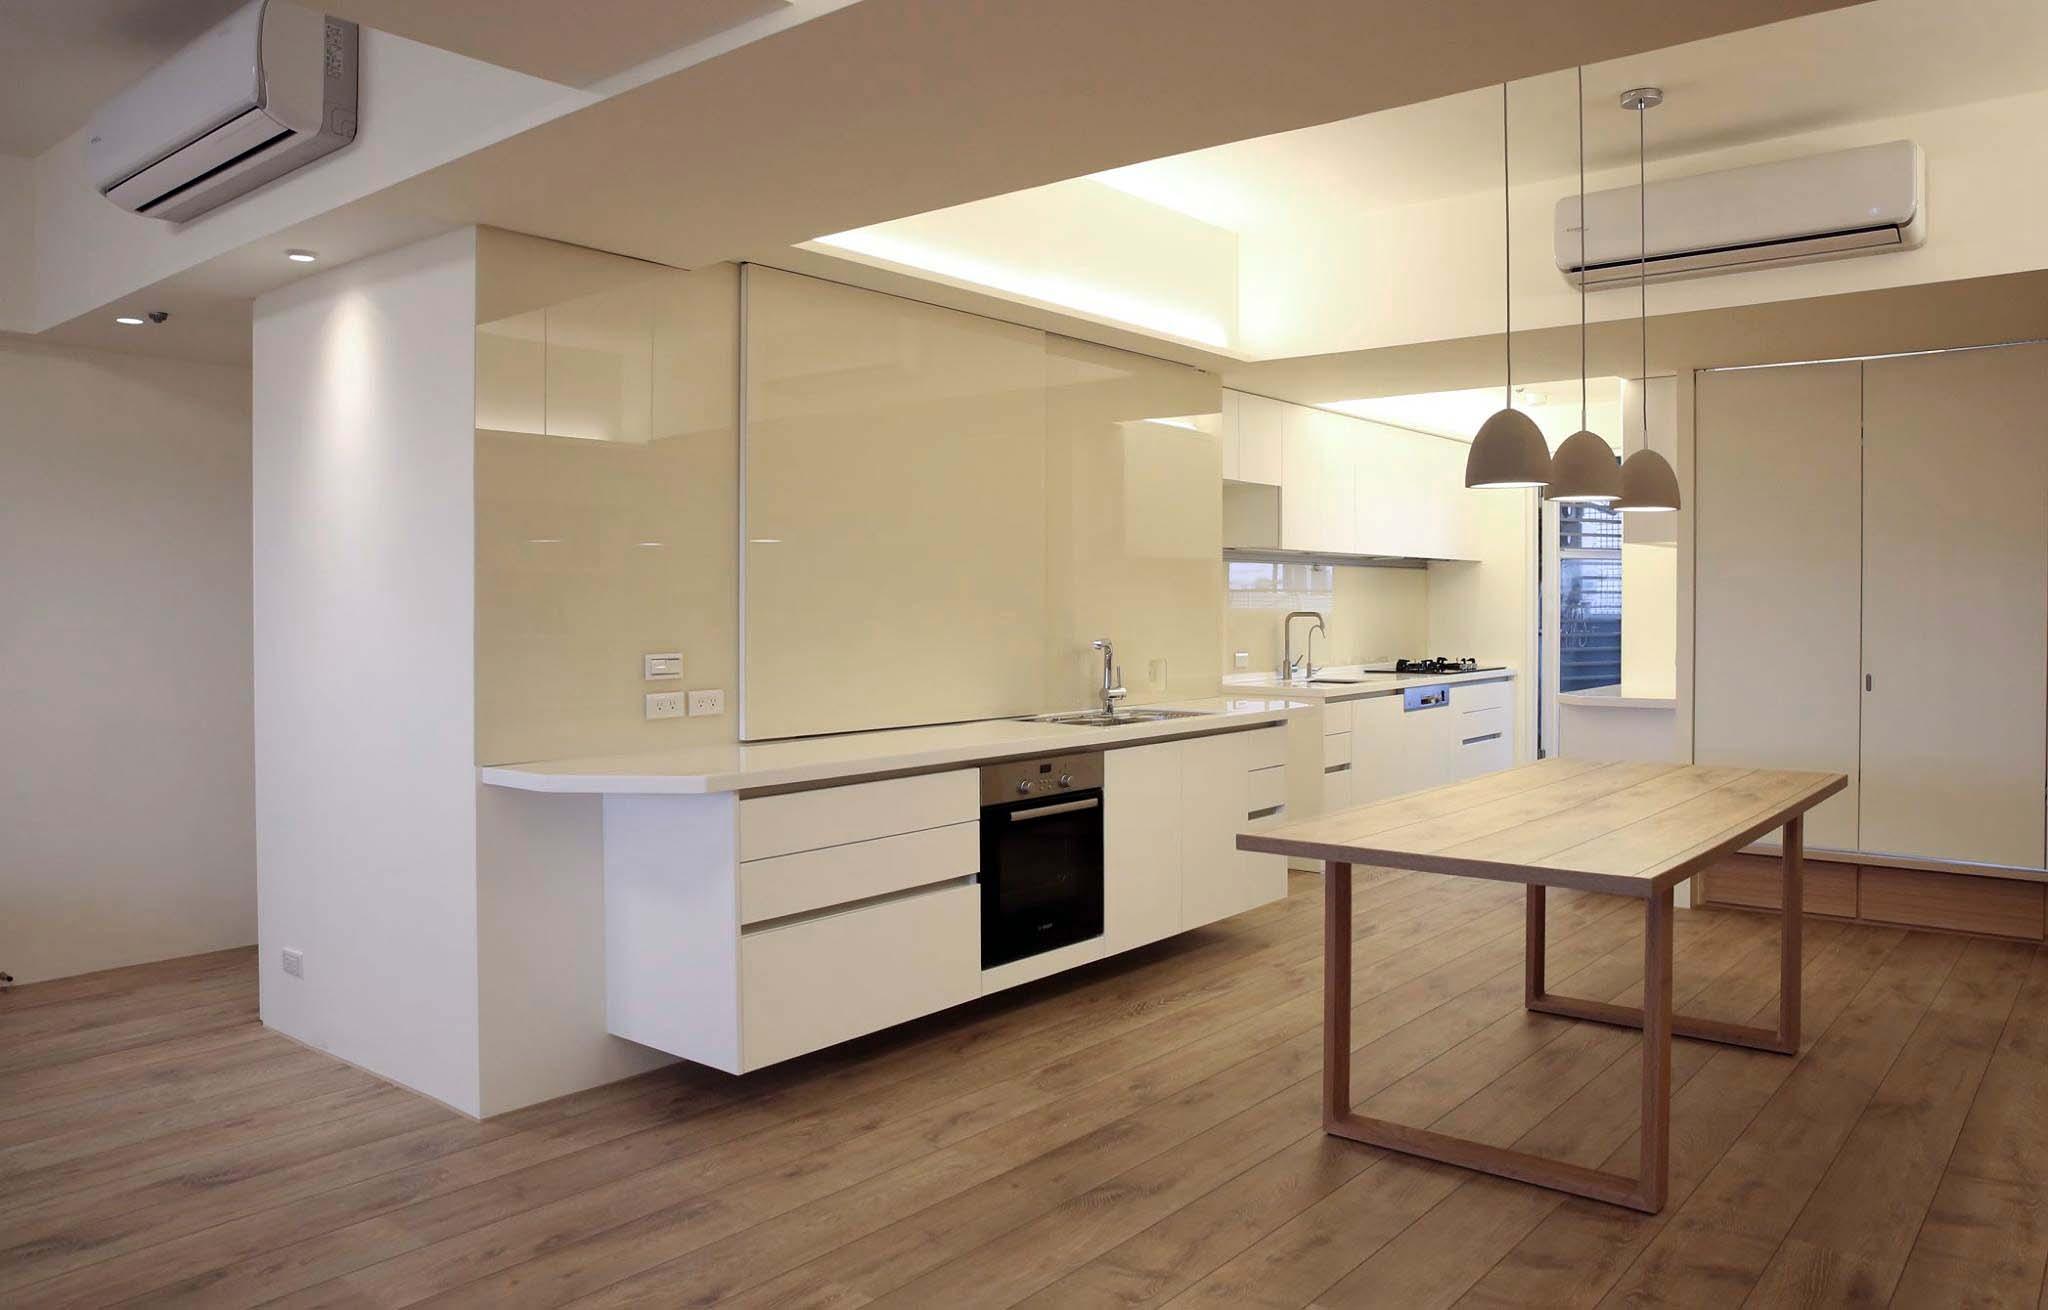 餐廳旁邊有可供輕食料理的工作台面,牆面是磁性烤漆玻璃可以記事,也方便清潔